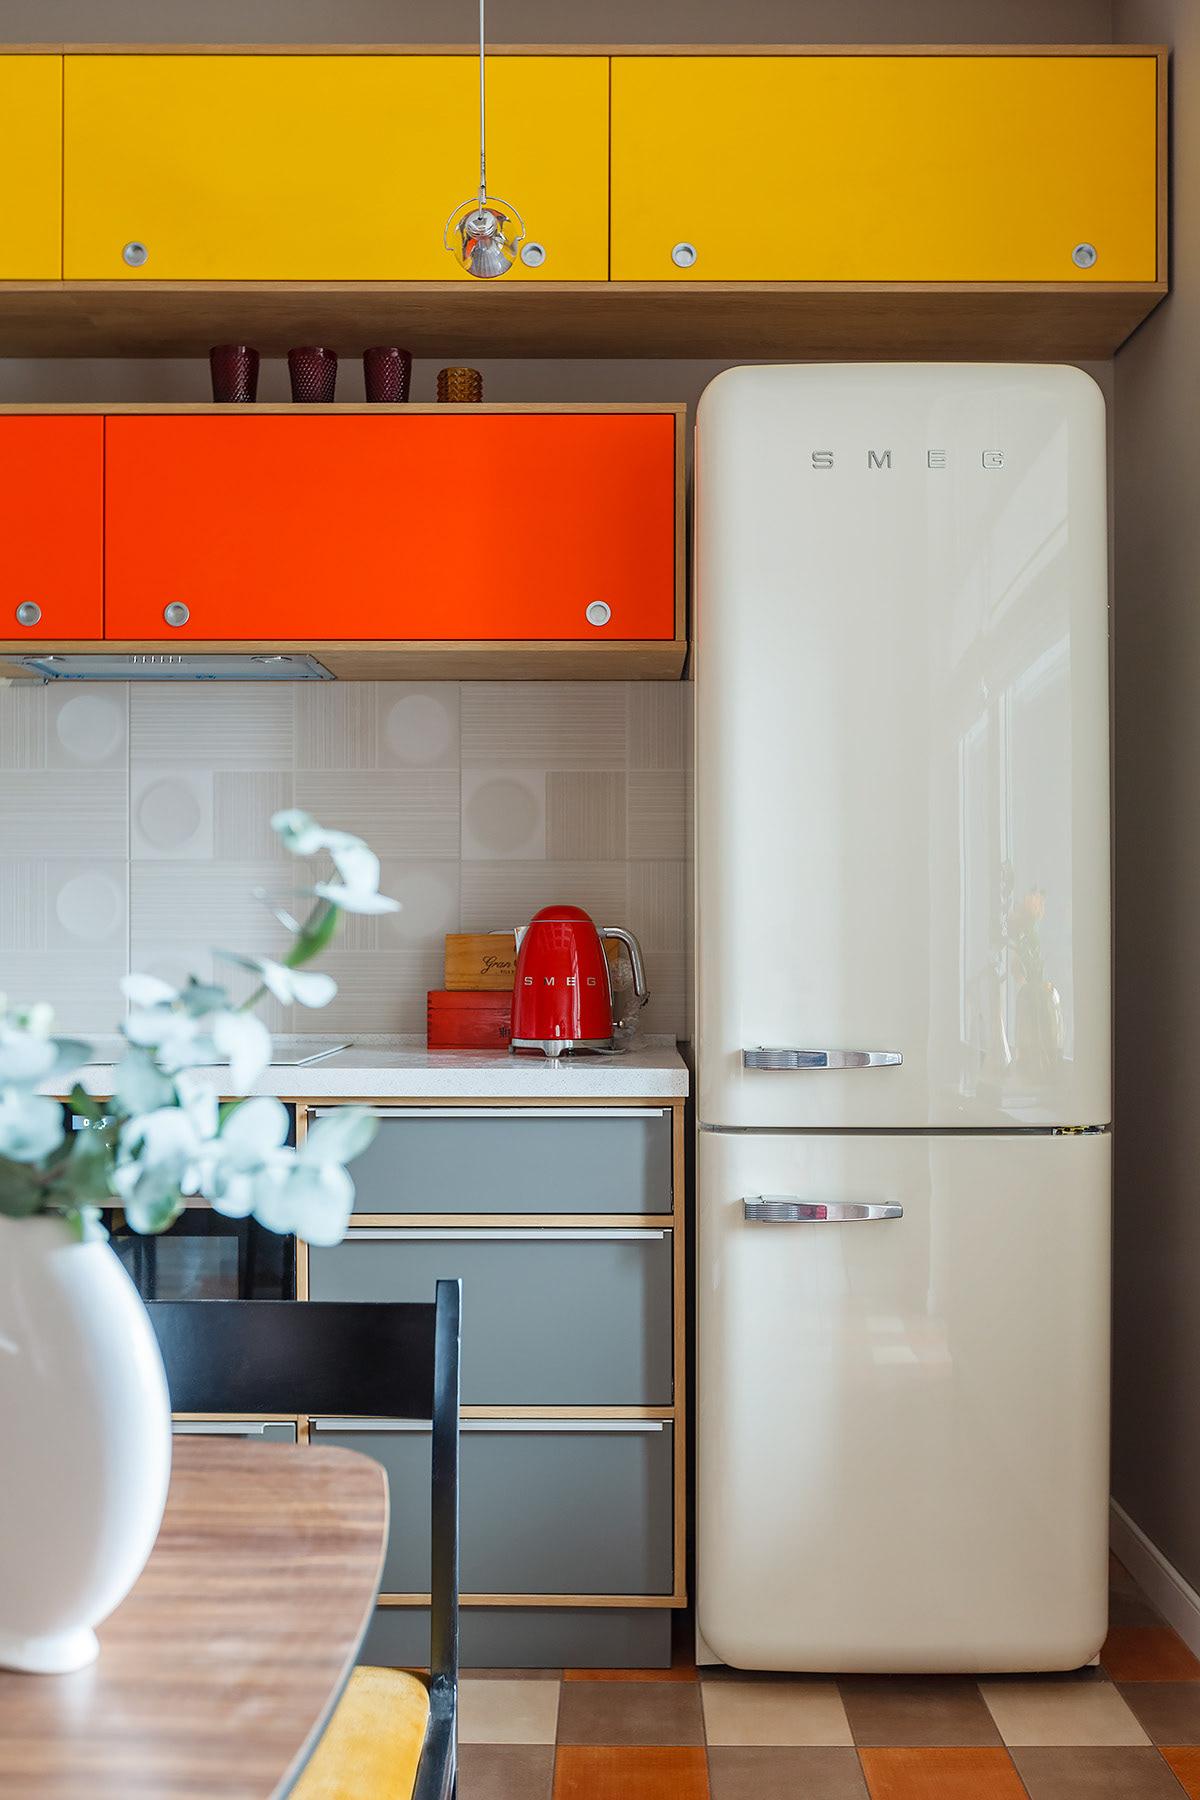 annashalaeva avantgarde block color concept design Interior midcentury Soviet